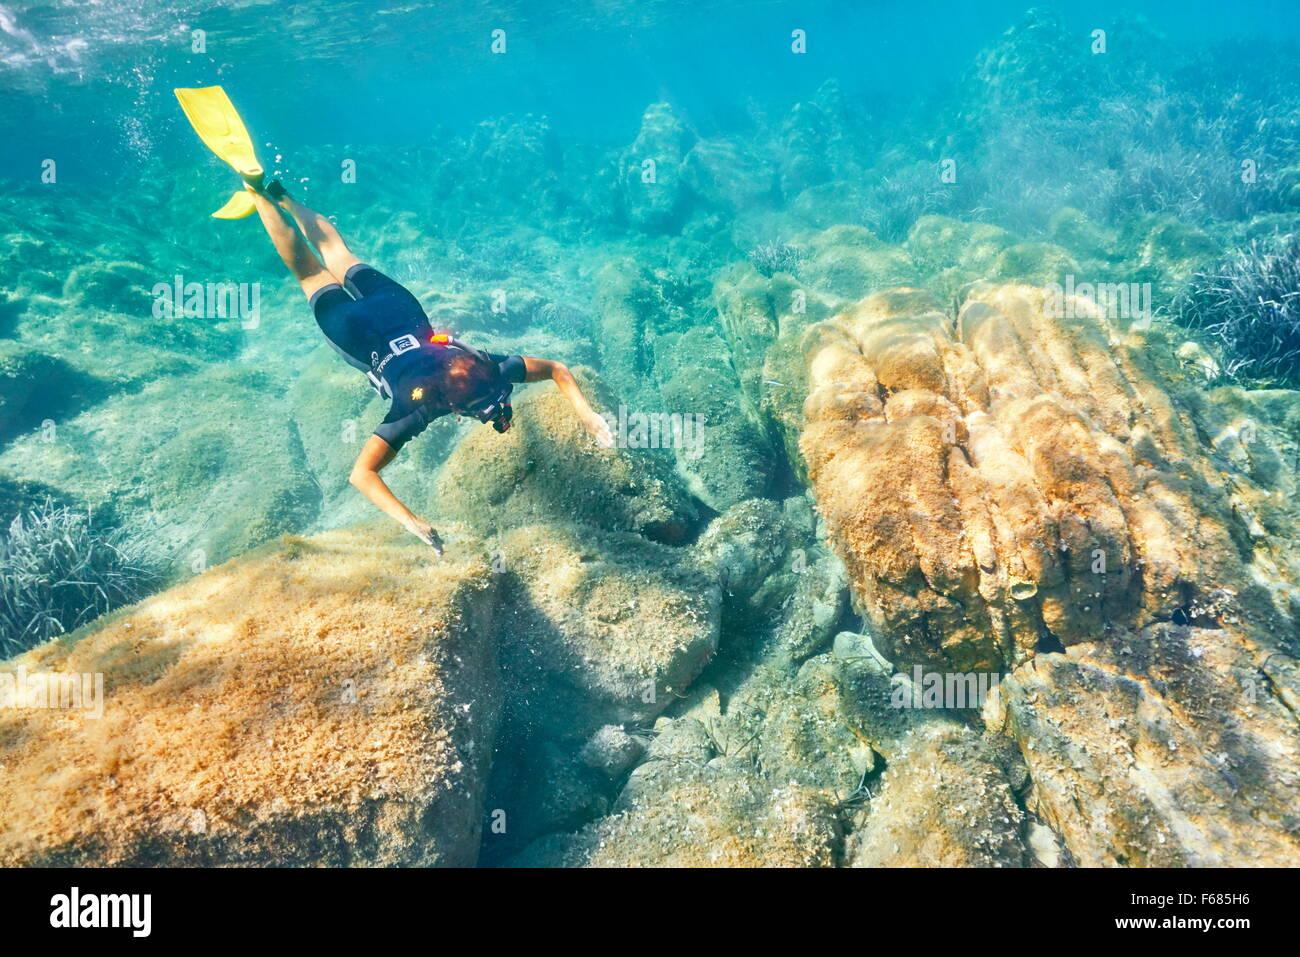 La donna lo snorkeling in acque turchesi, Punta dei Capriccioli, Costa Smeralda, Sardegna, Italia Immagini Stock